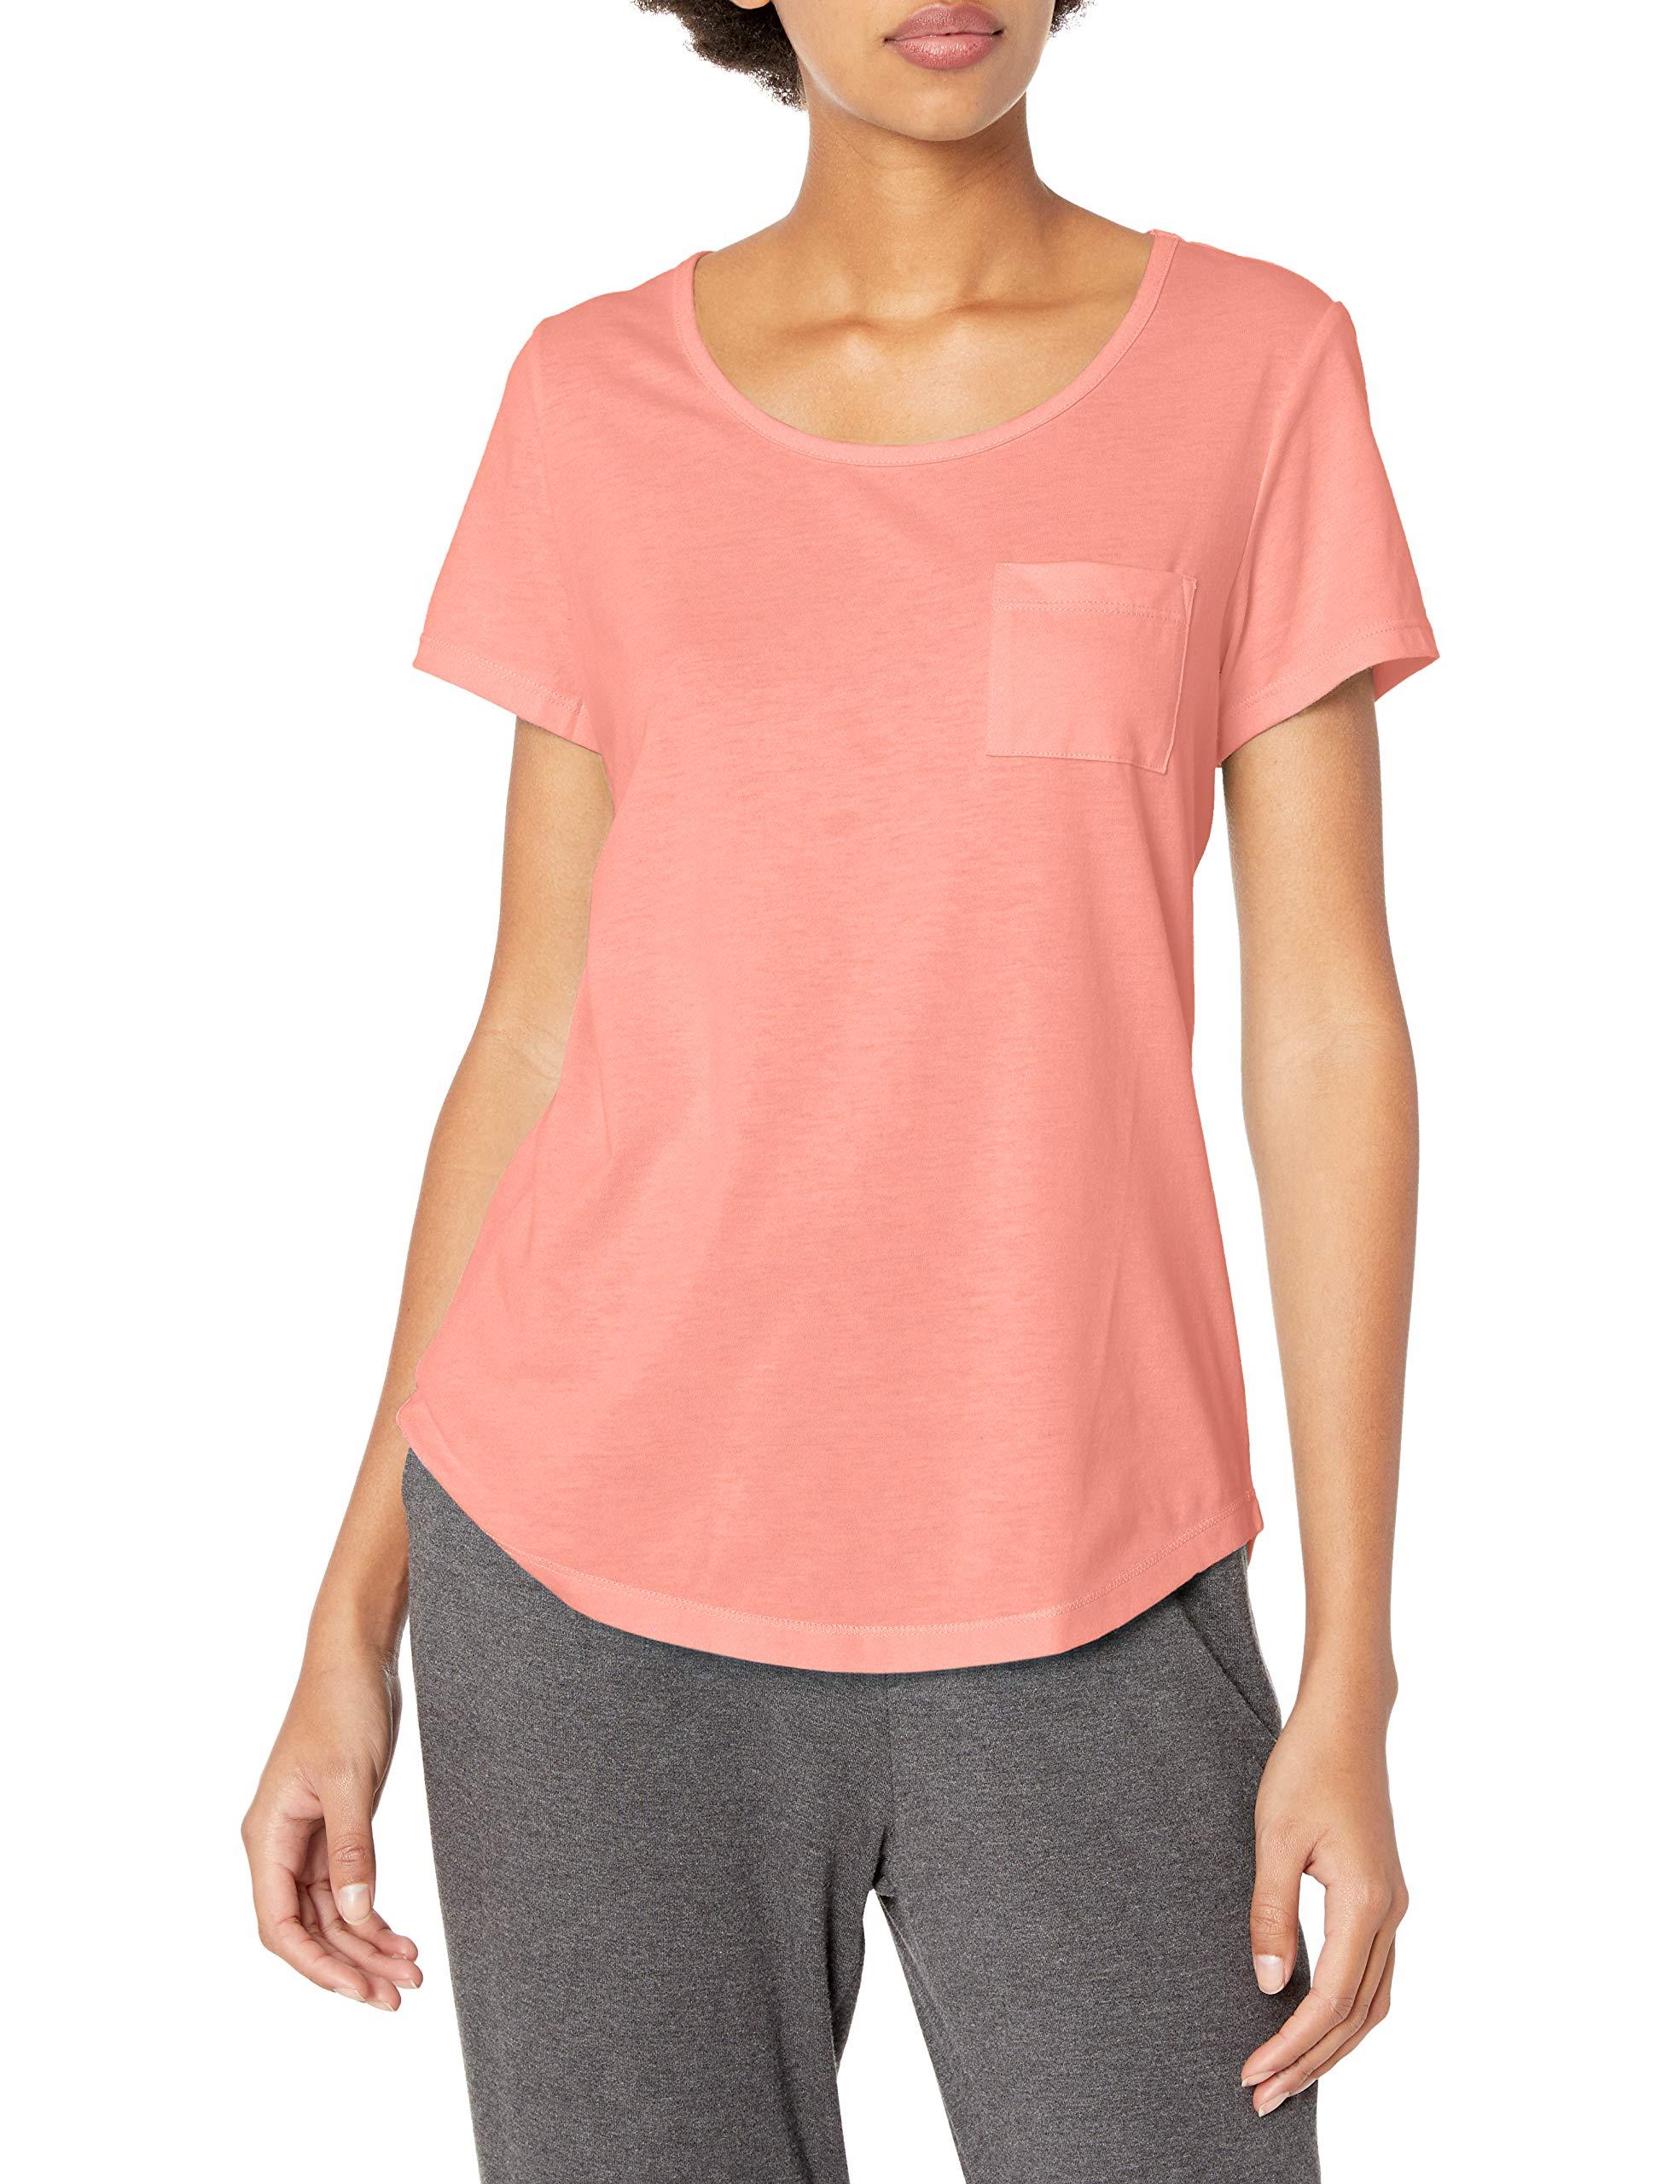 Jockey Women's Cotton Jersey Tee, Peach Glow, L